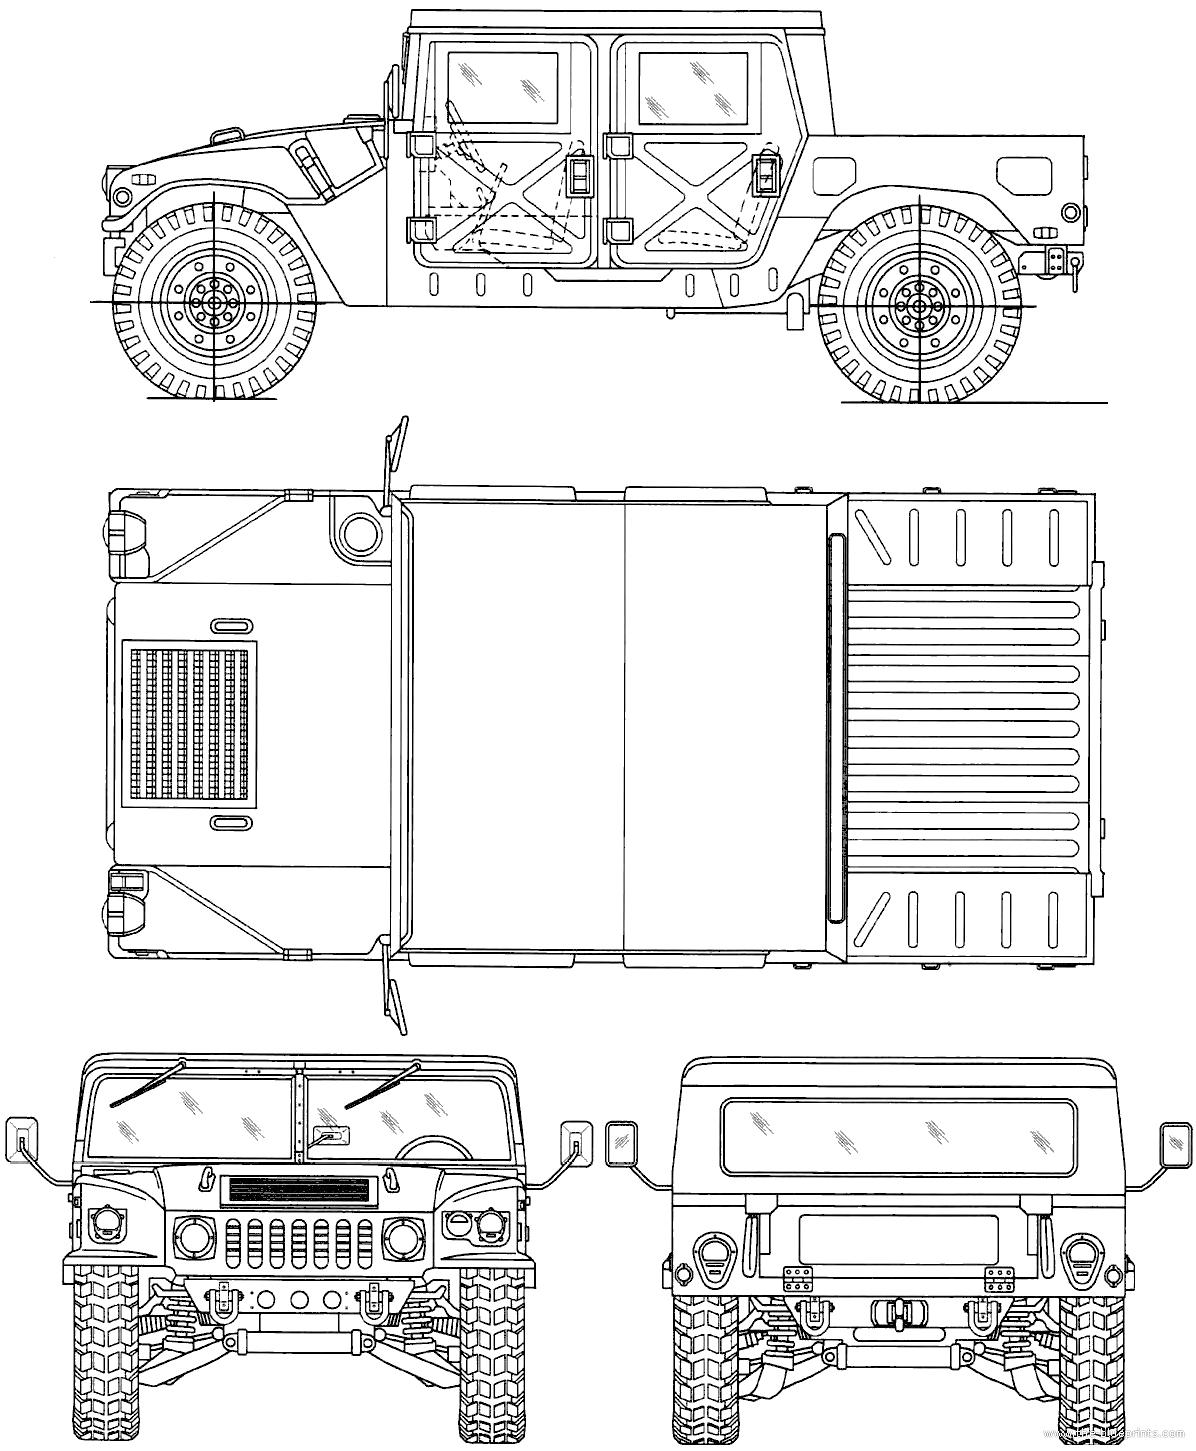 M105 Trailer Wiring Diagram : Hmmwv wiring schematic ward s electric range diagram